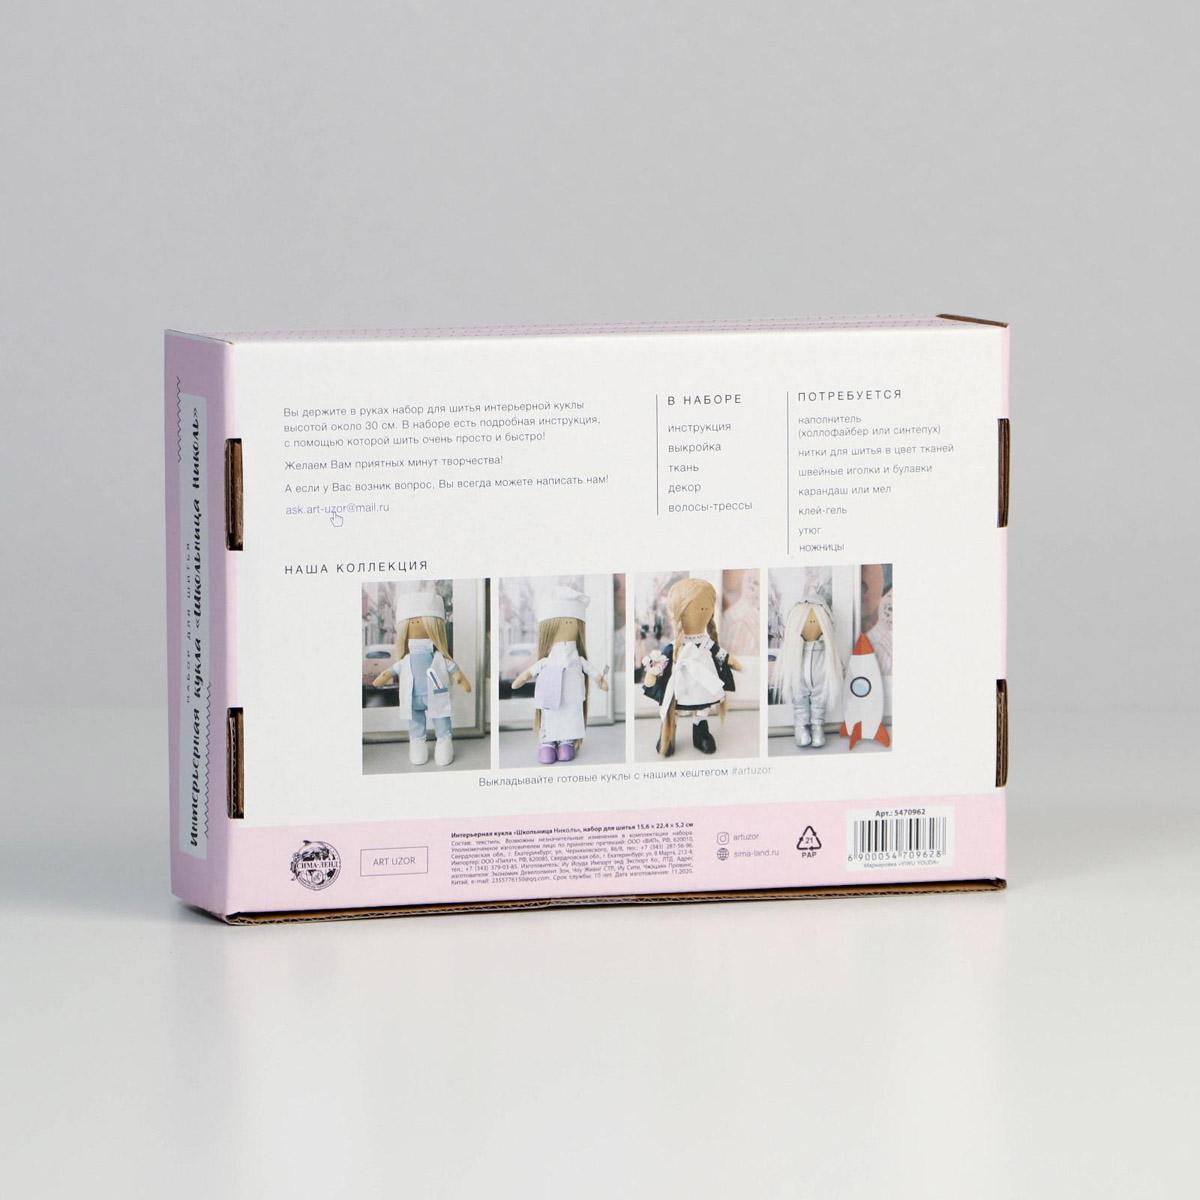 5470962 Интерьерная кукла 'Школьница Николь', набор для шитья 15,6*22.4*5.2 см